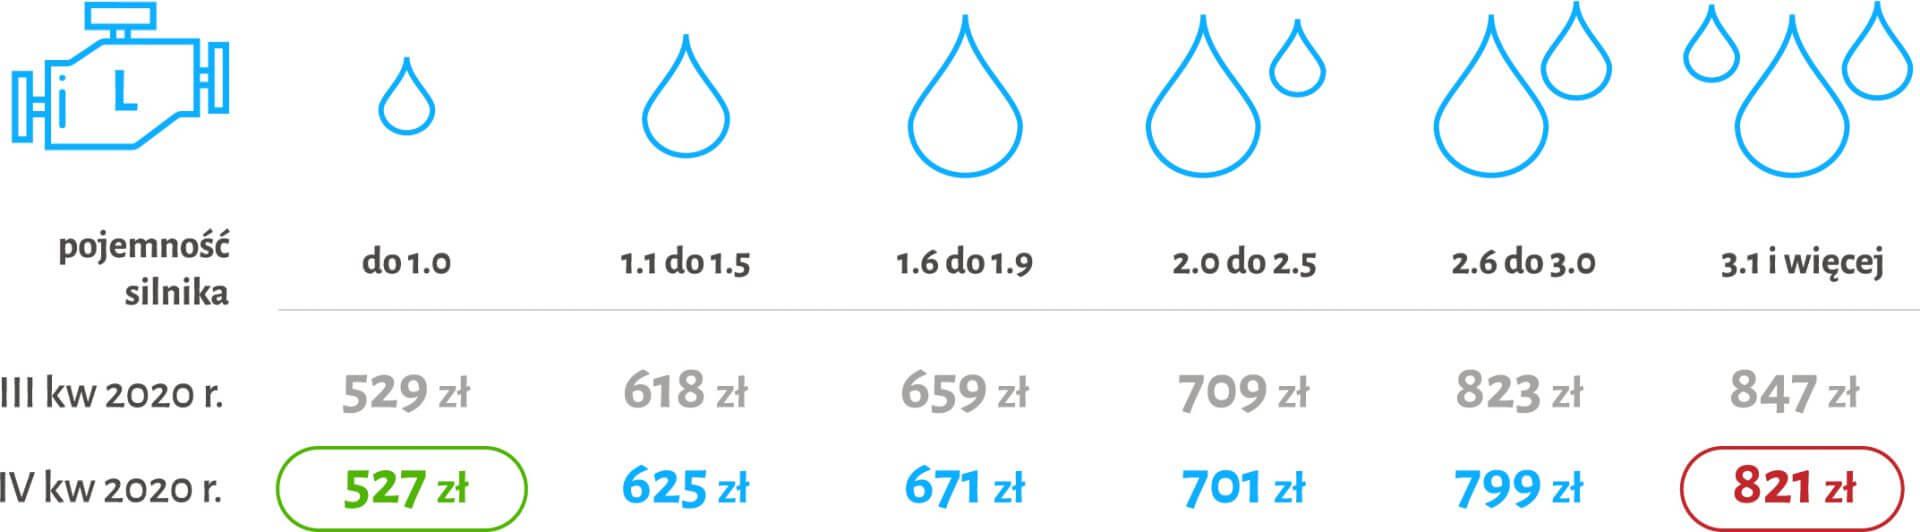 tabela wysokości ceny OC w zależności od pojemności silnika samochodu